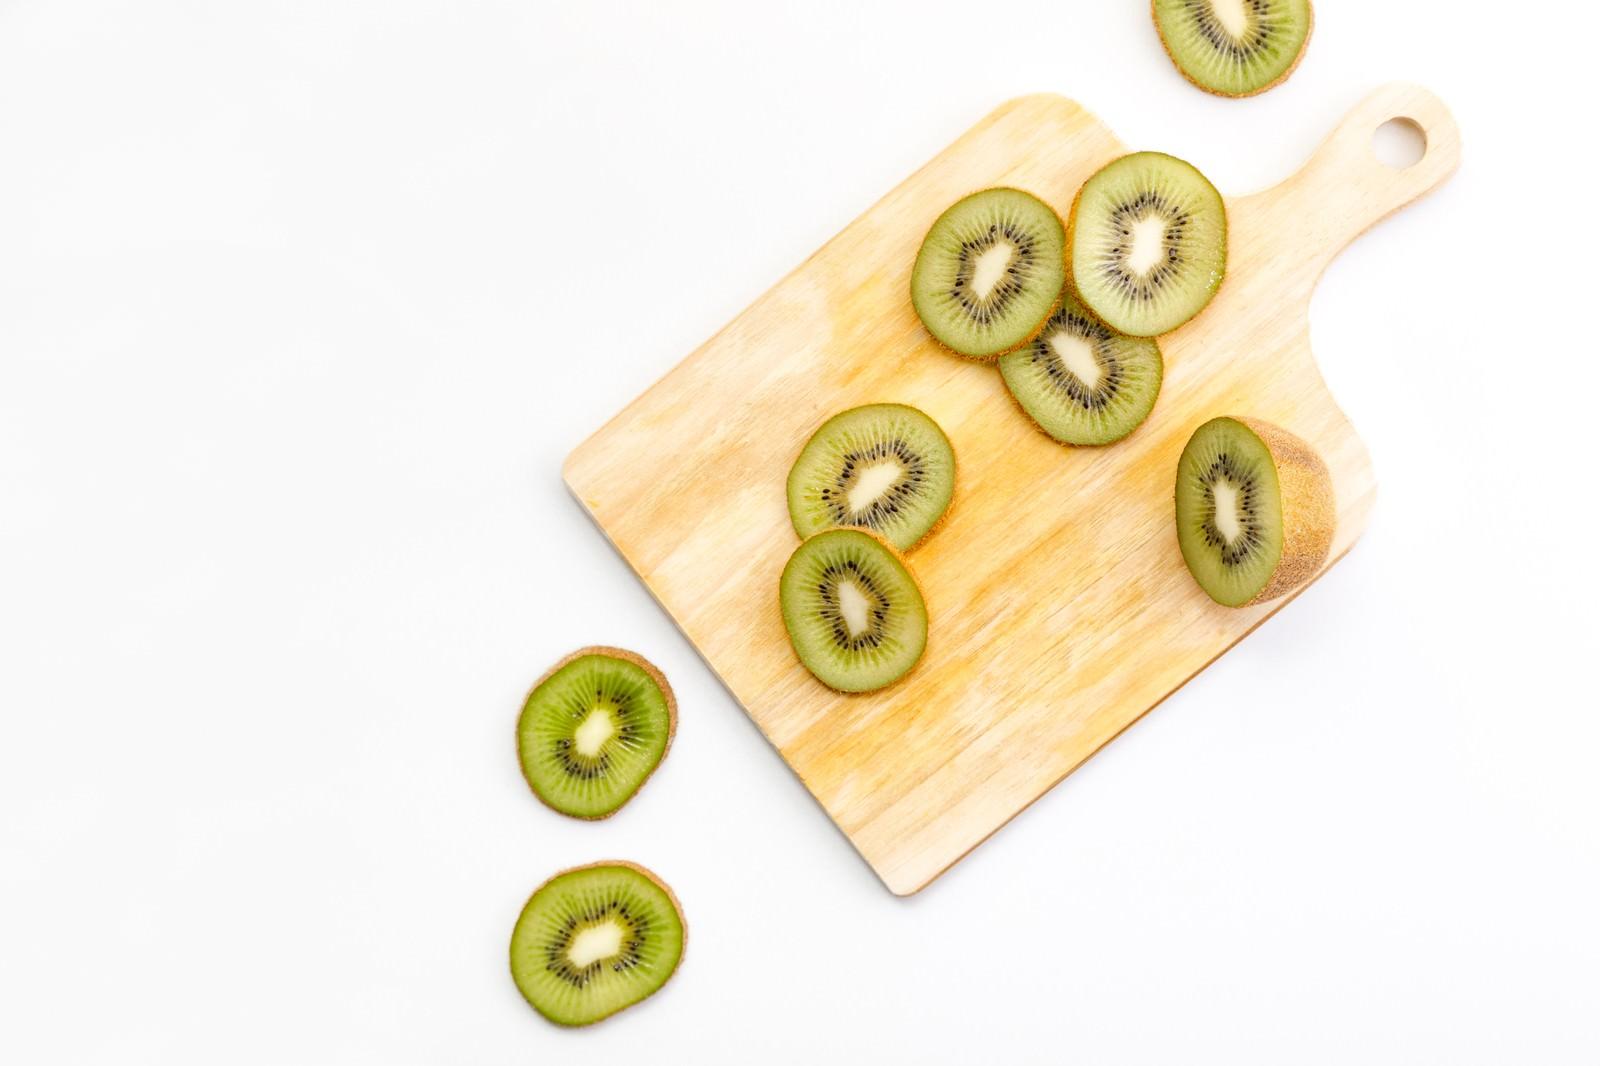 「カットされたキウイフルーツカットされたキウイフルーツ」のフリー写真素材を拡大